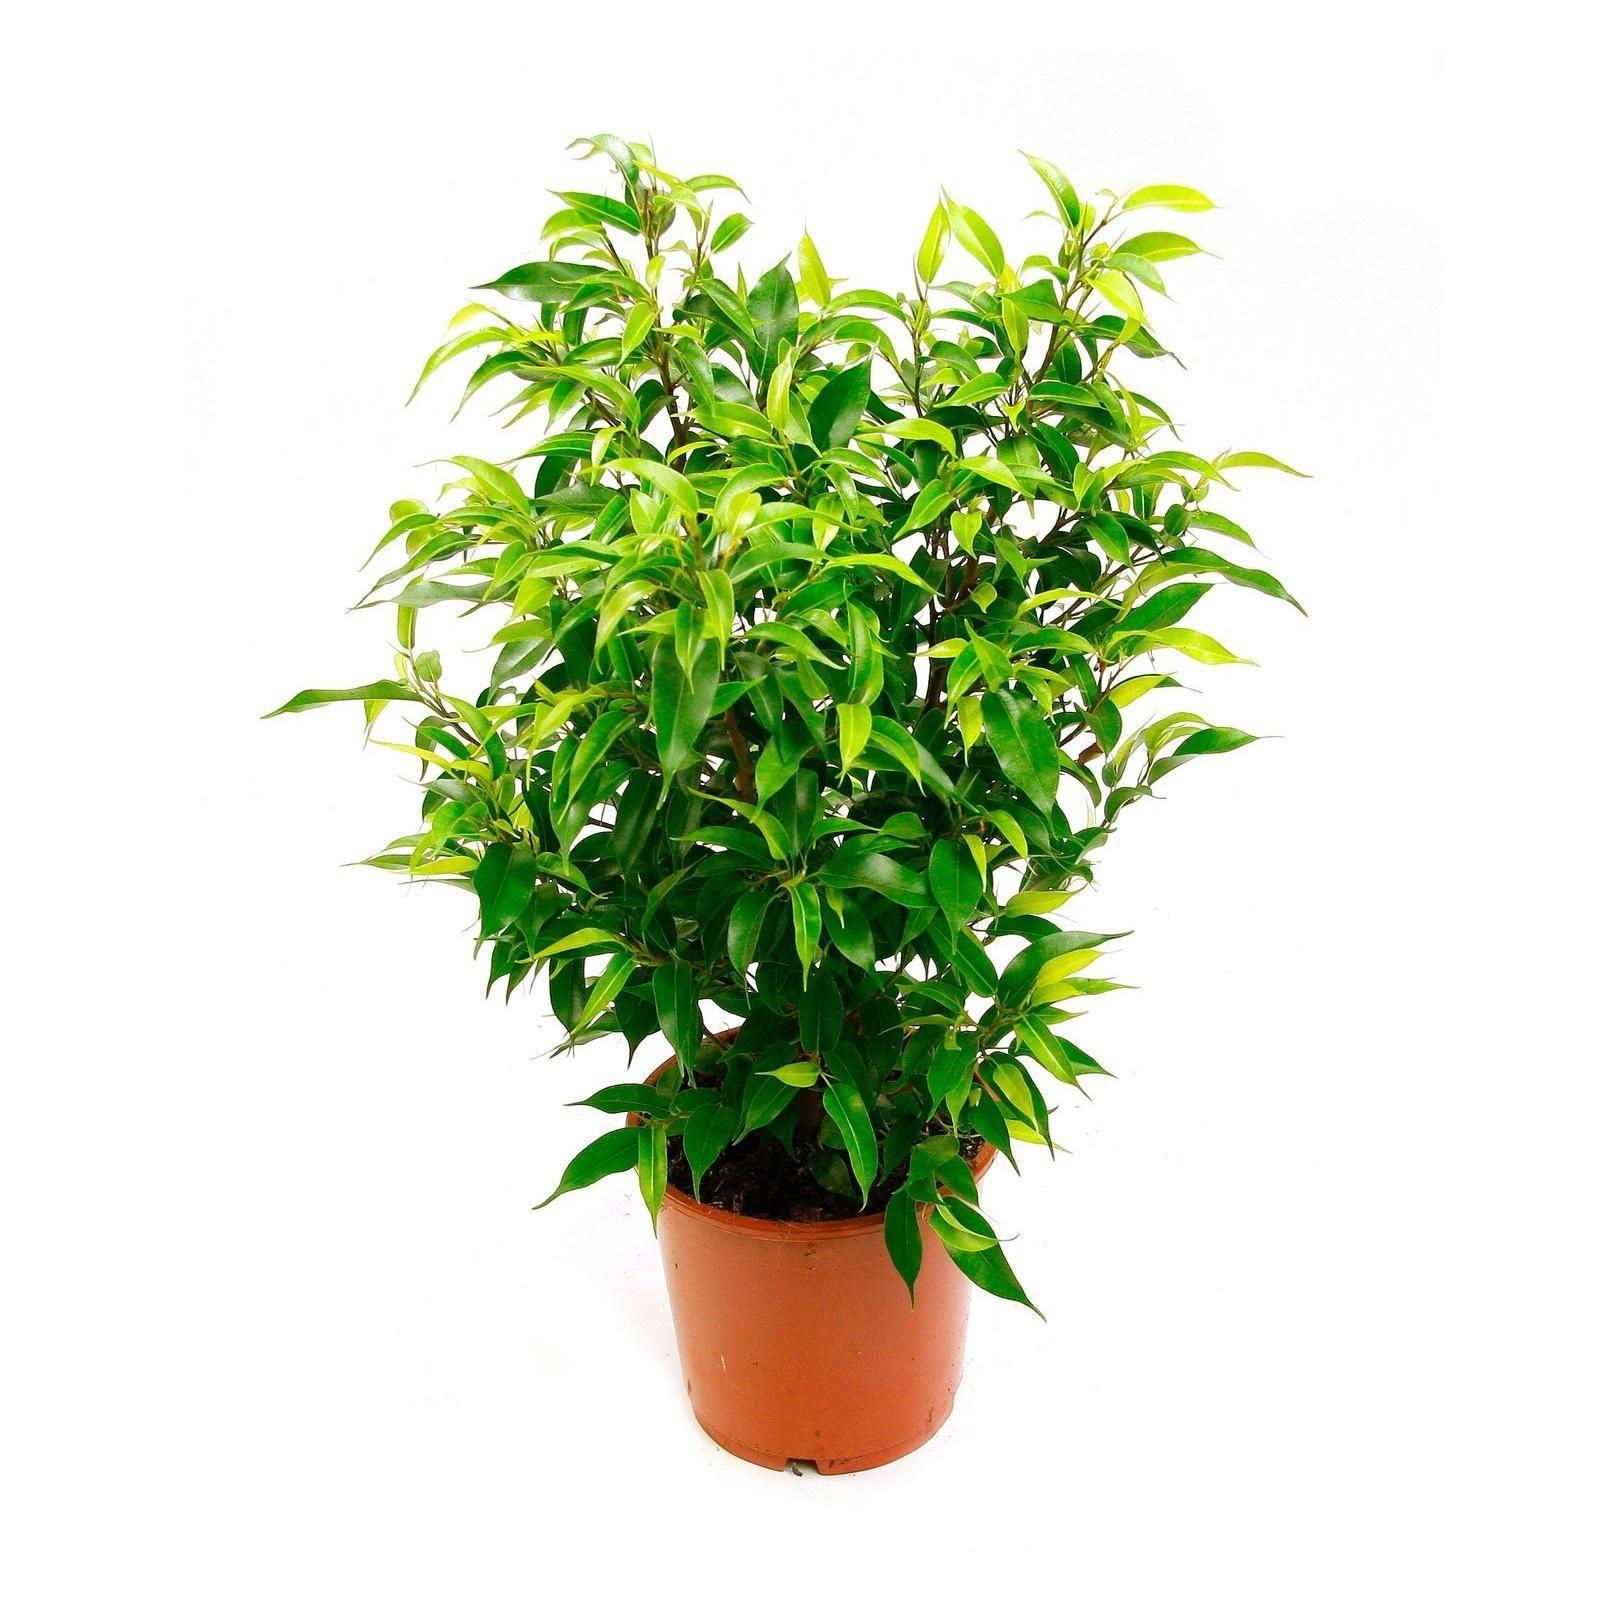 Фикус бенджамина в домашних условиях – почва, формовка, полив и освещение. пересадка и размножение. популярные сорта